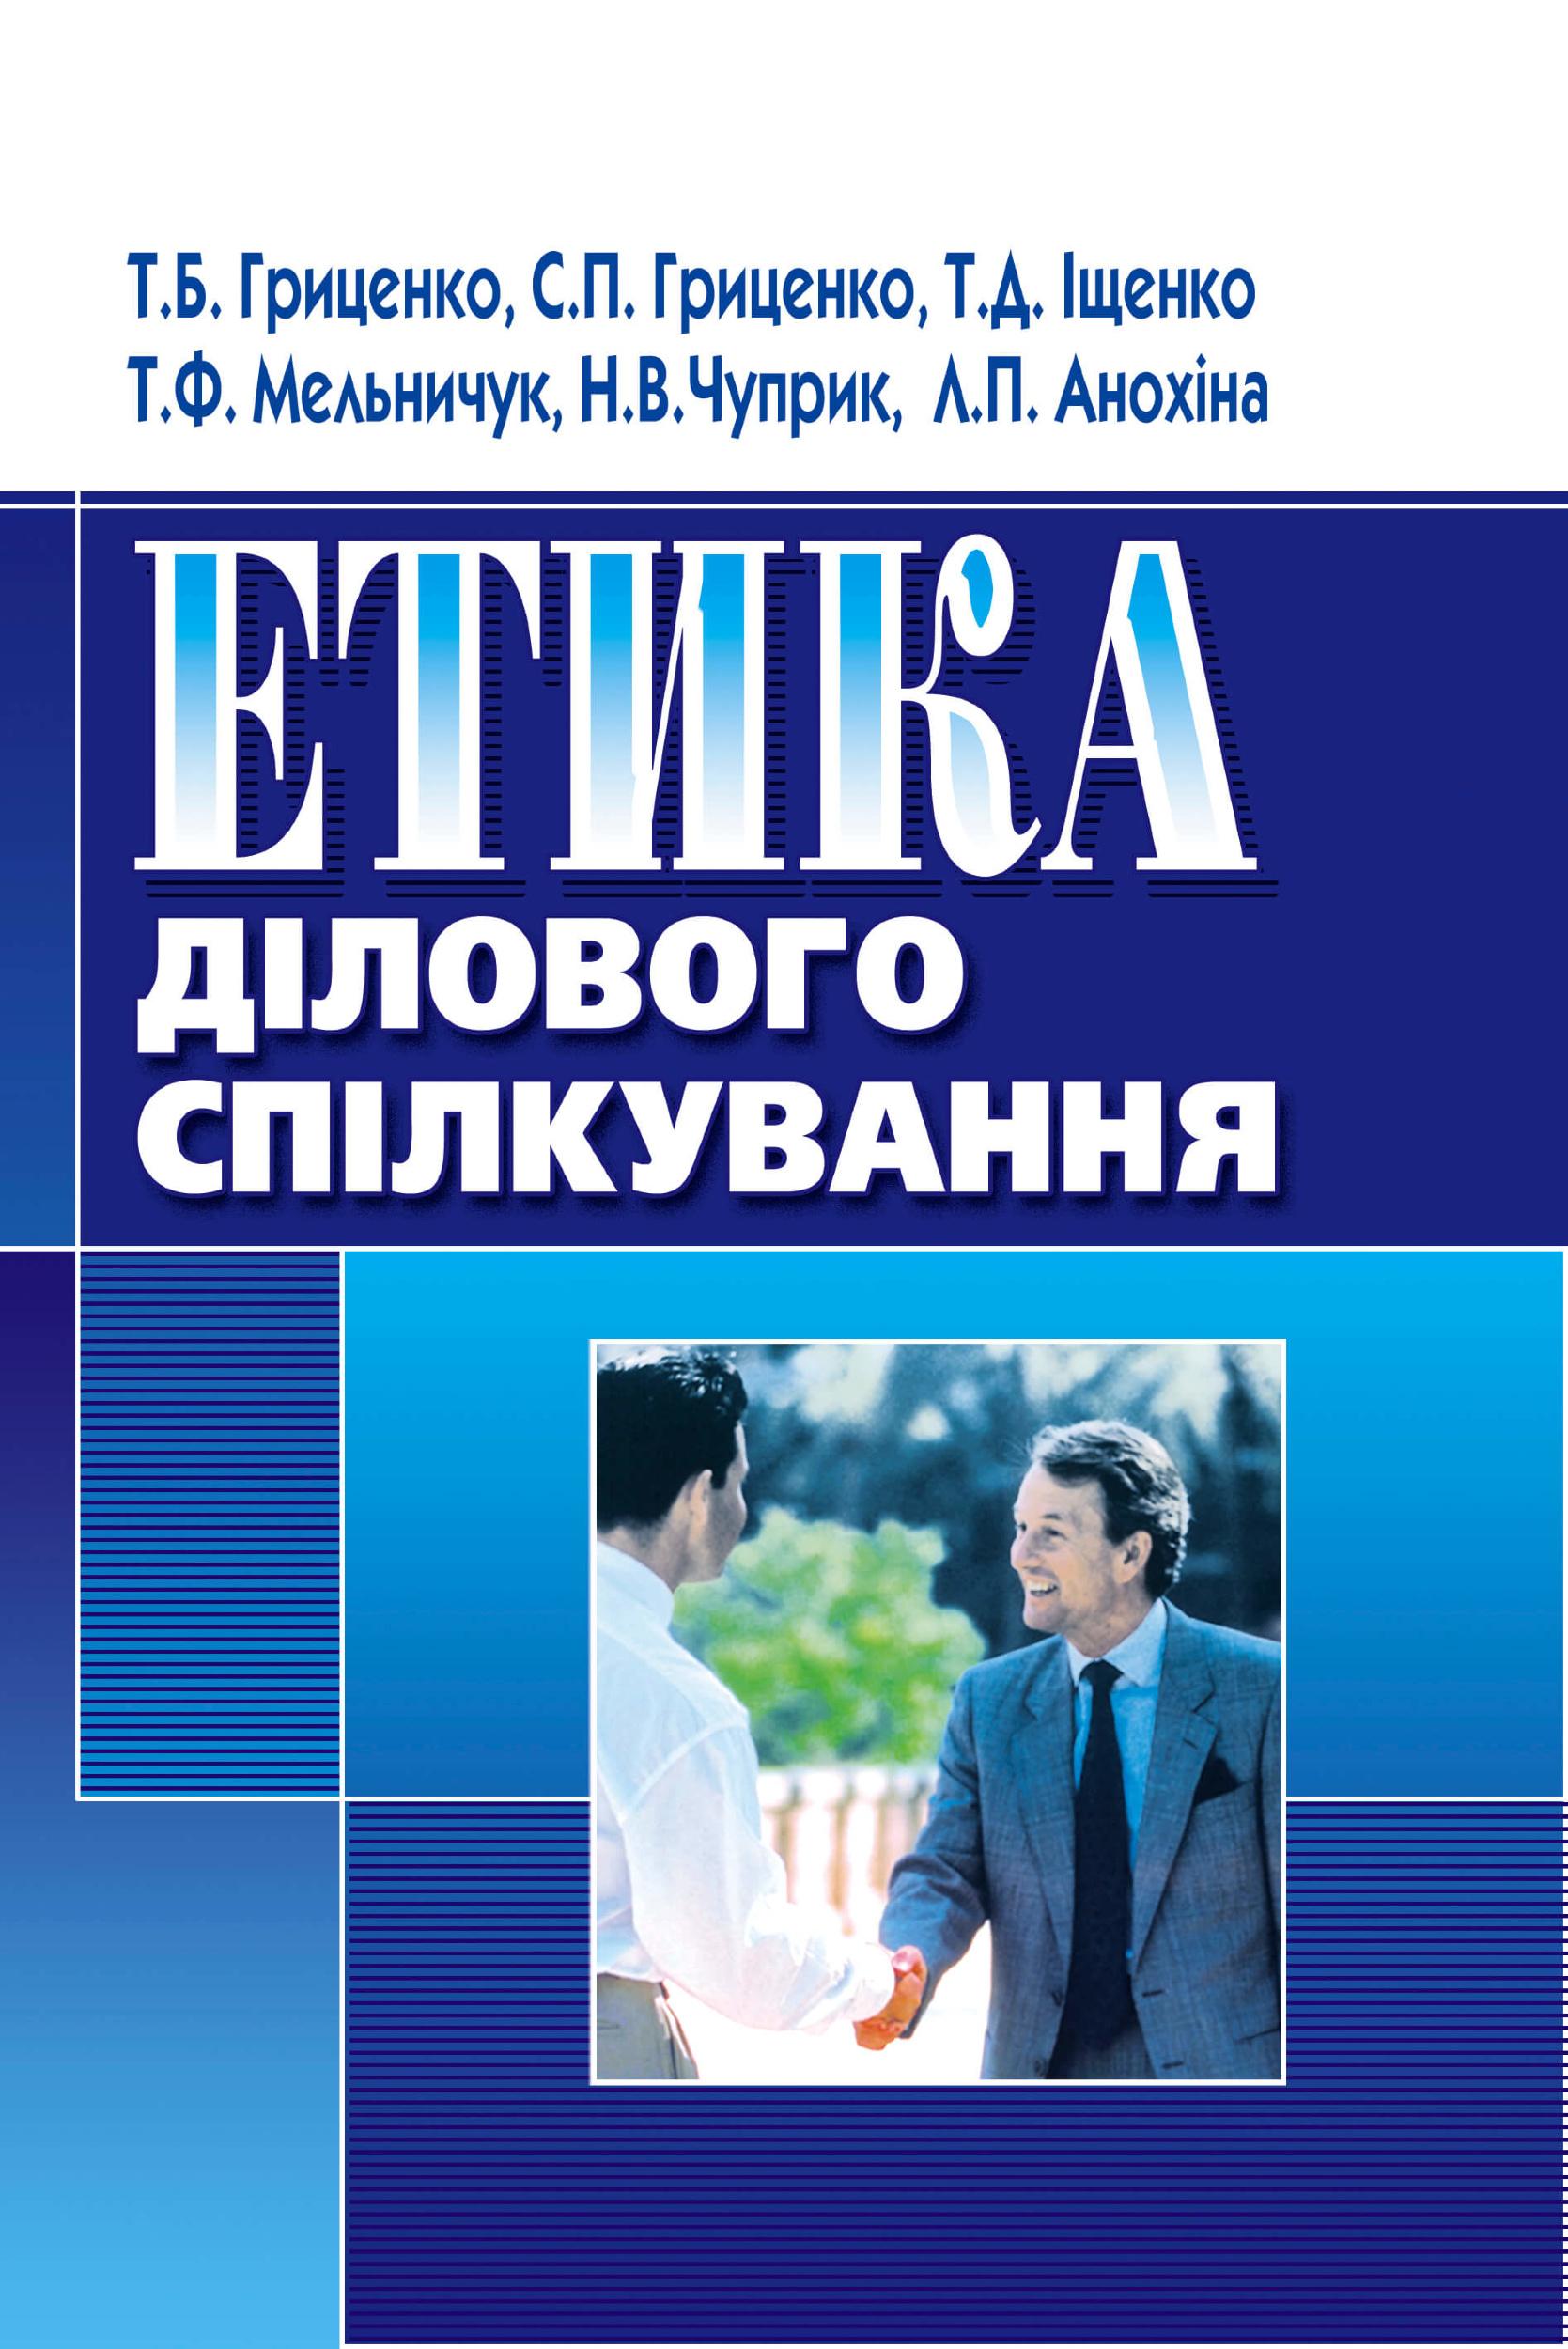 Етика ділового спілкування